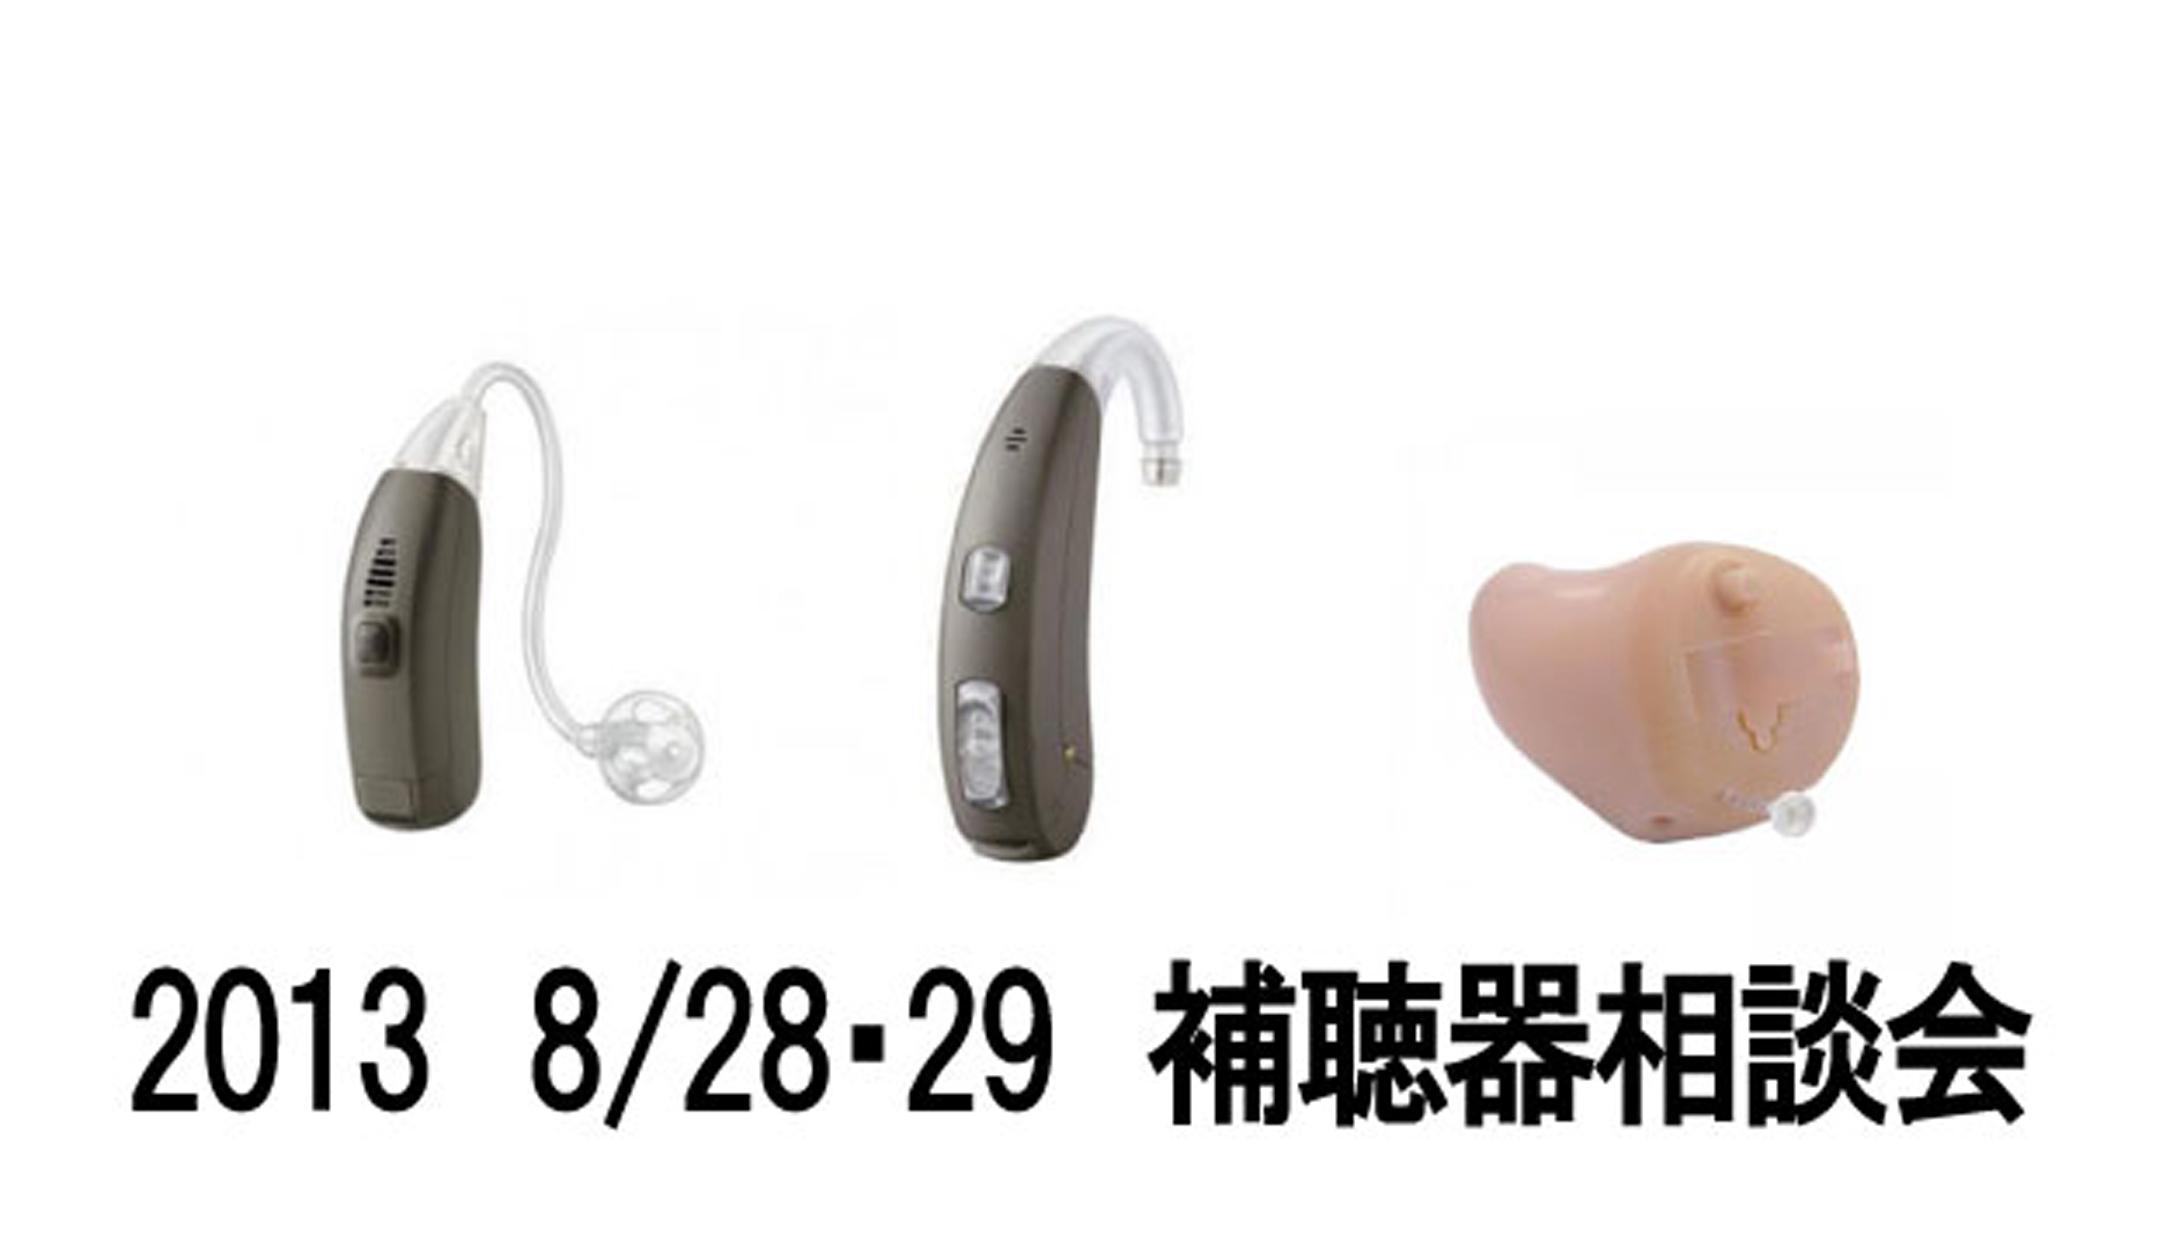 2013 8/28・29 補聴器相談会開催します